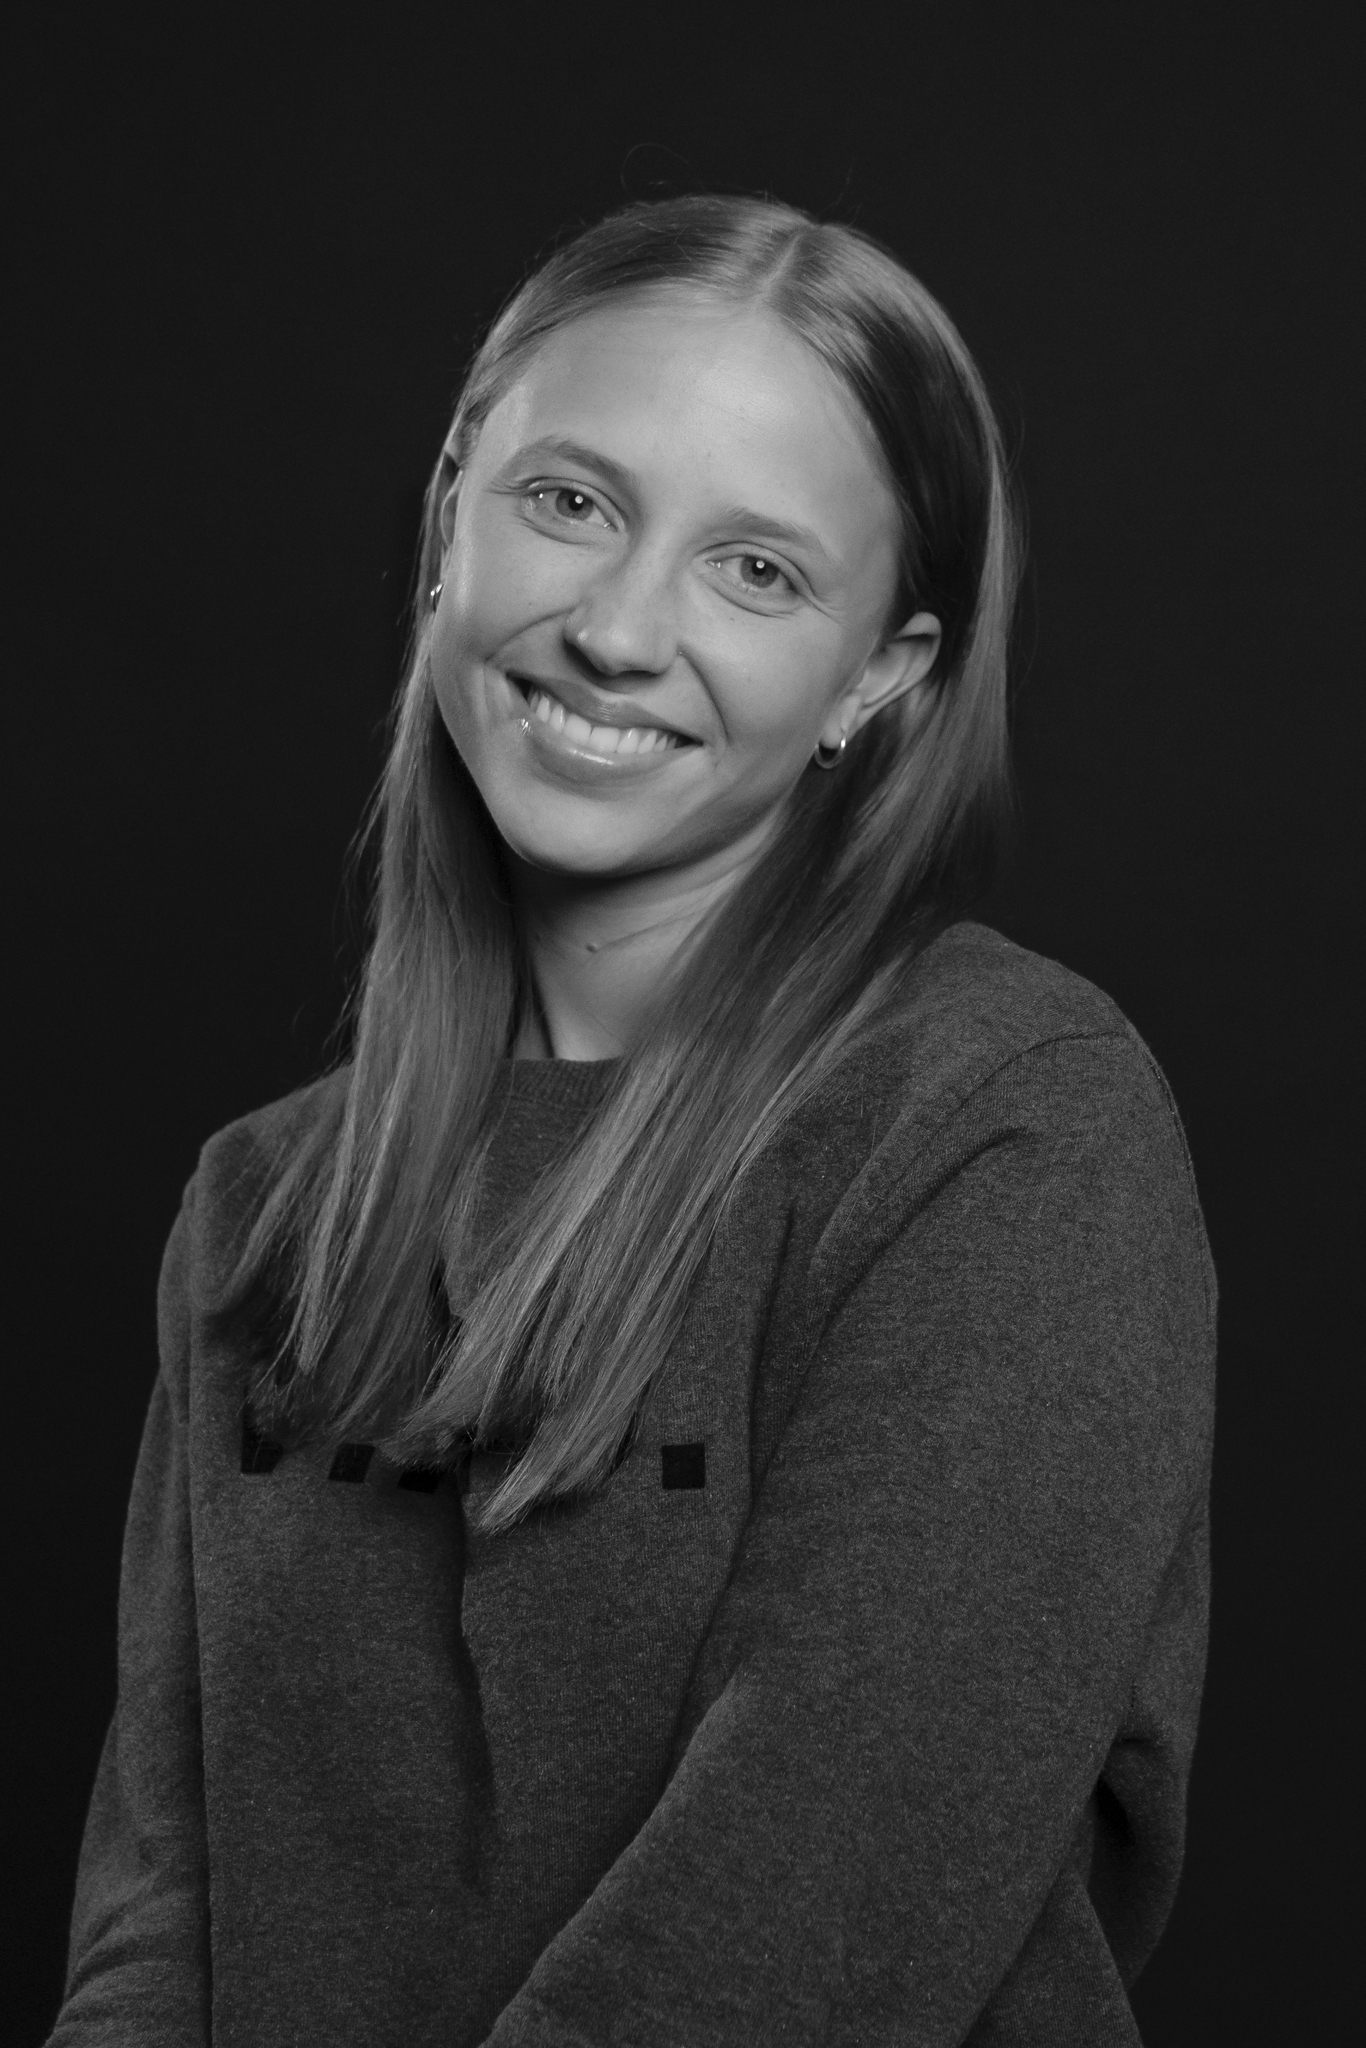 Lisa Bjorheim image 1